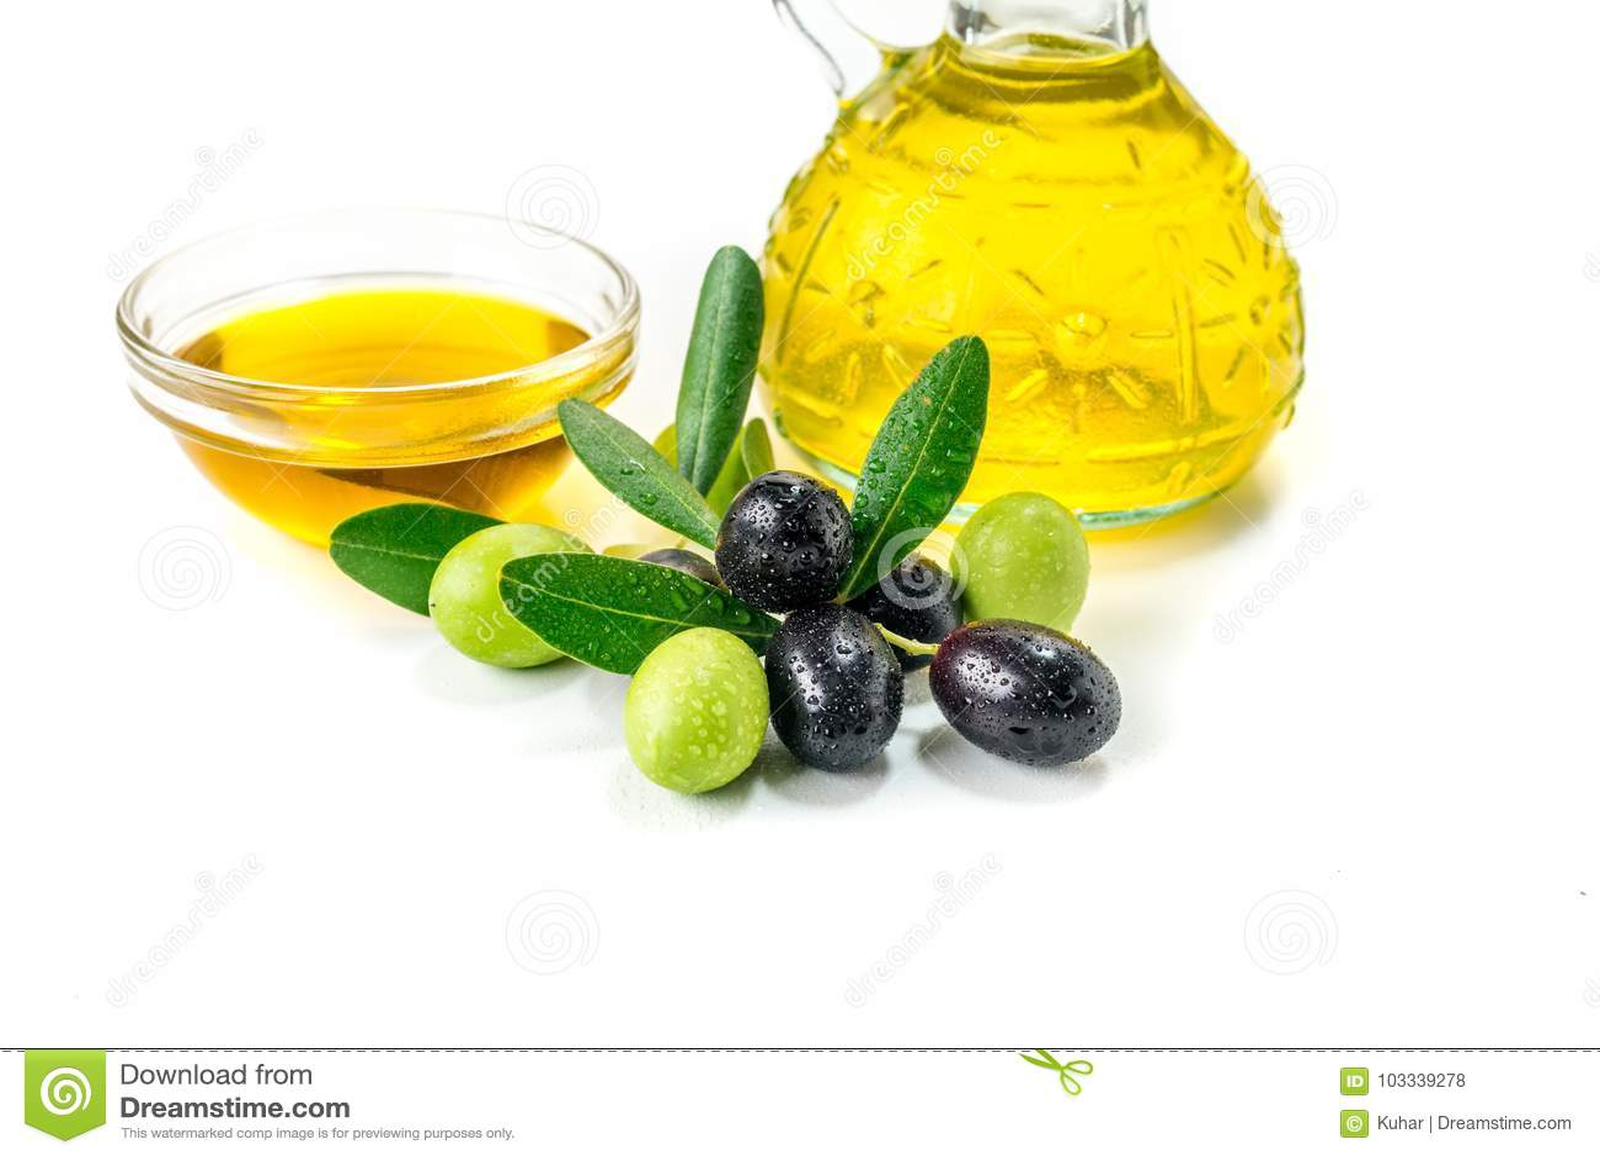 Organisches Olivenöl mit Oliven